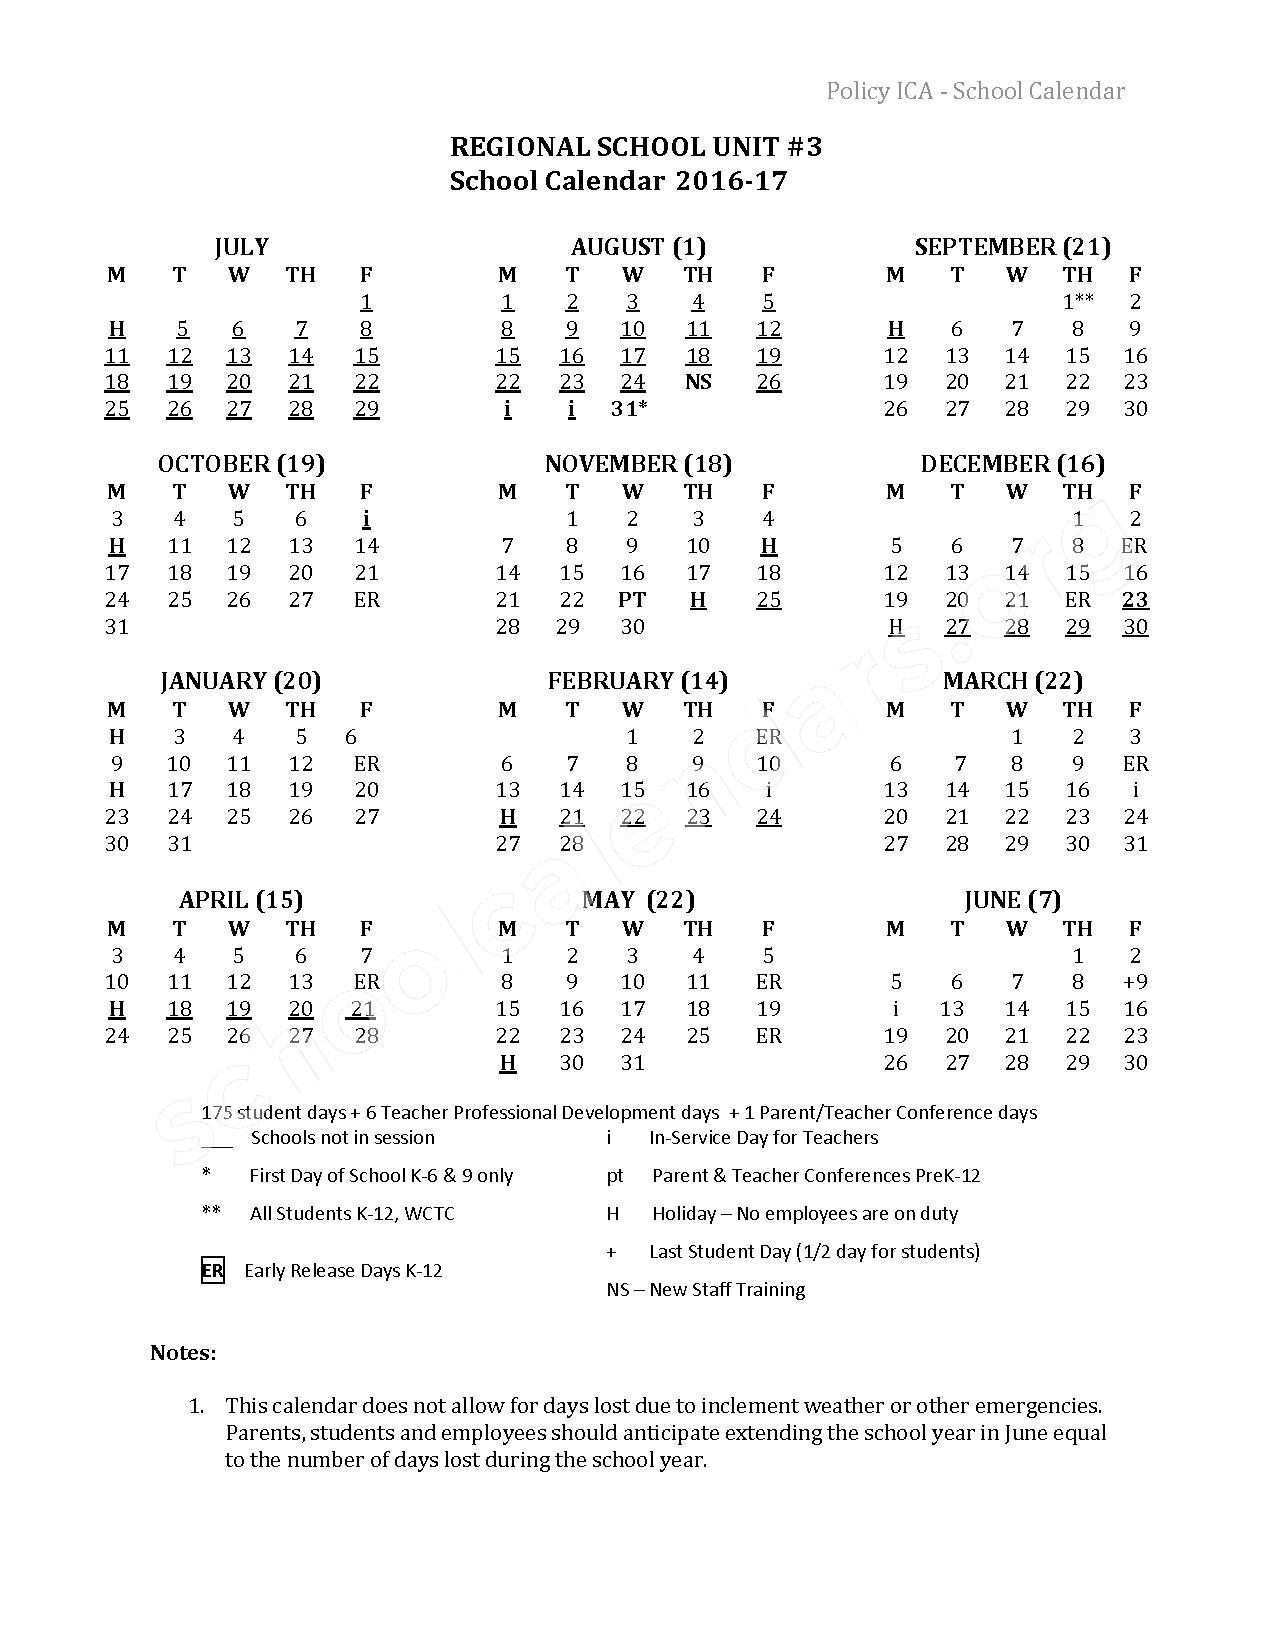 2016 - 2017 School Calendar – Regional School Unit 3 (RSU 3) – page 1